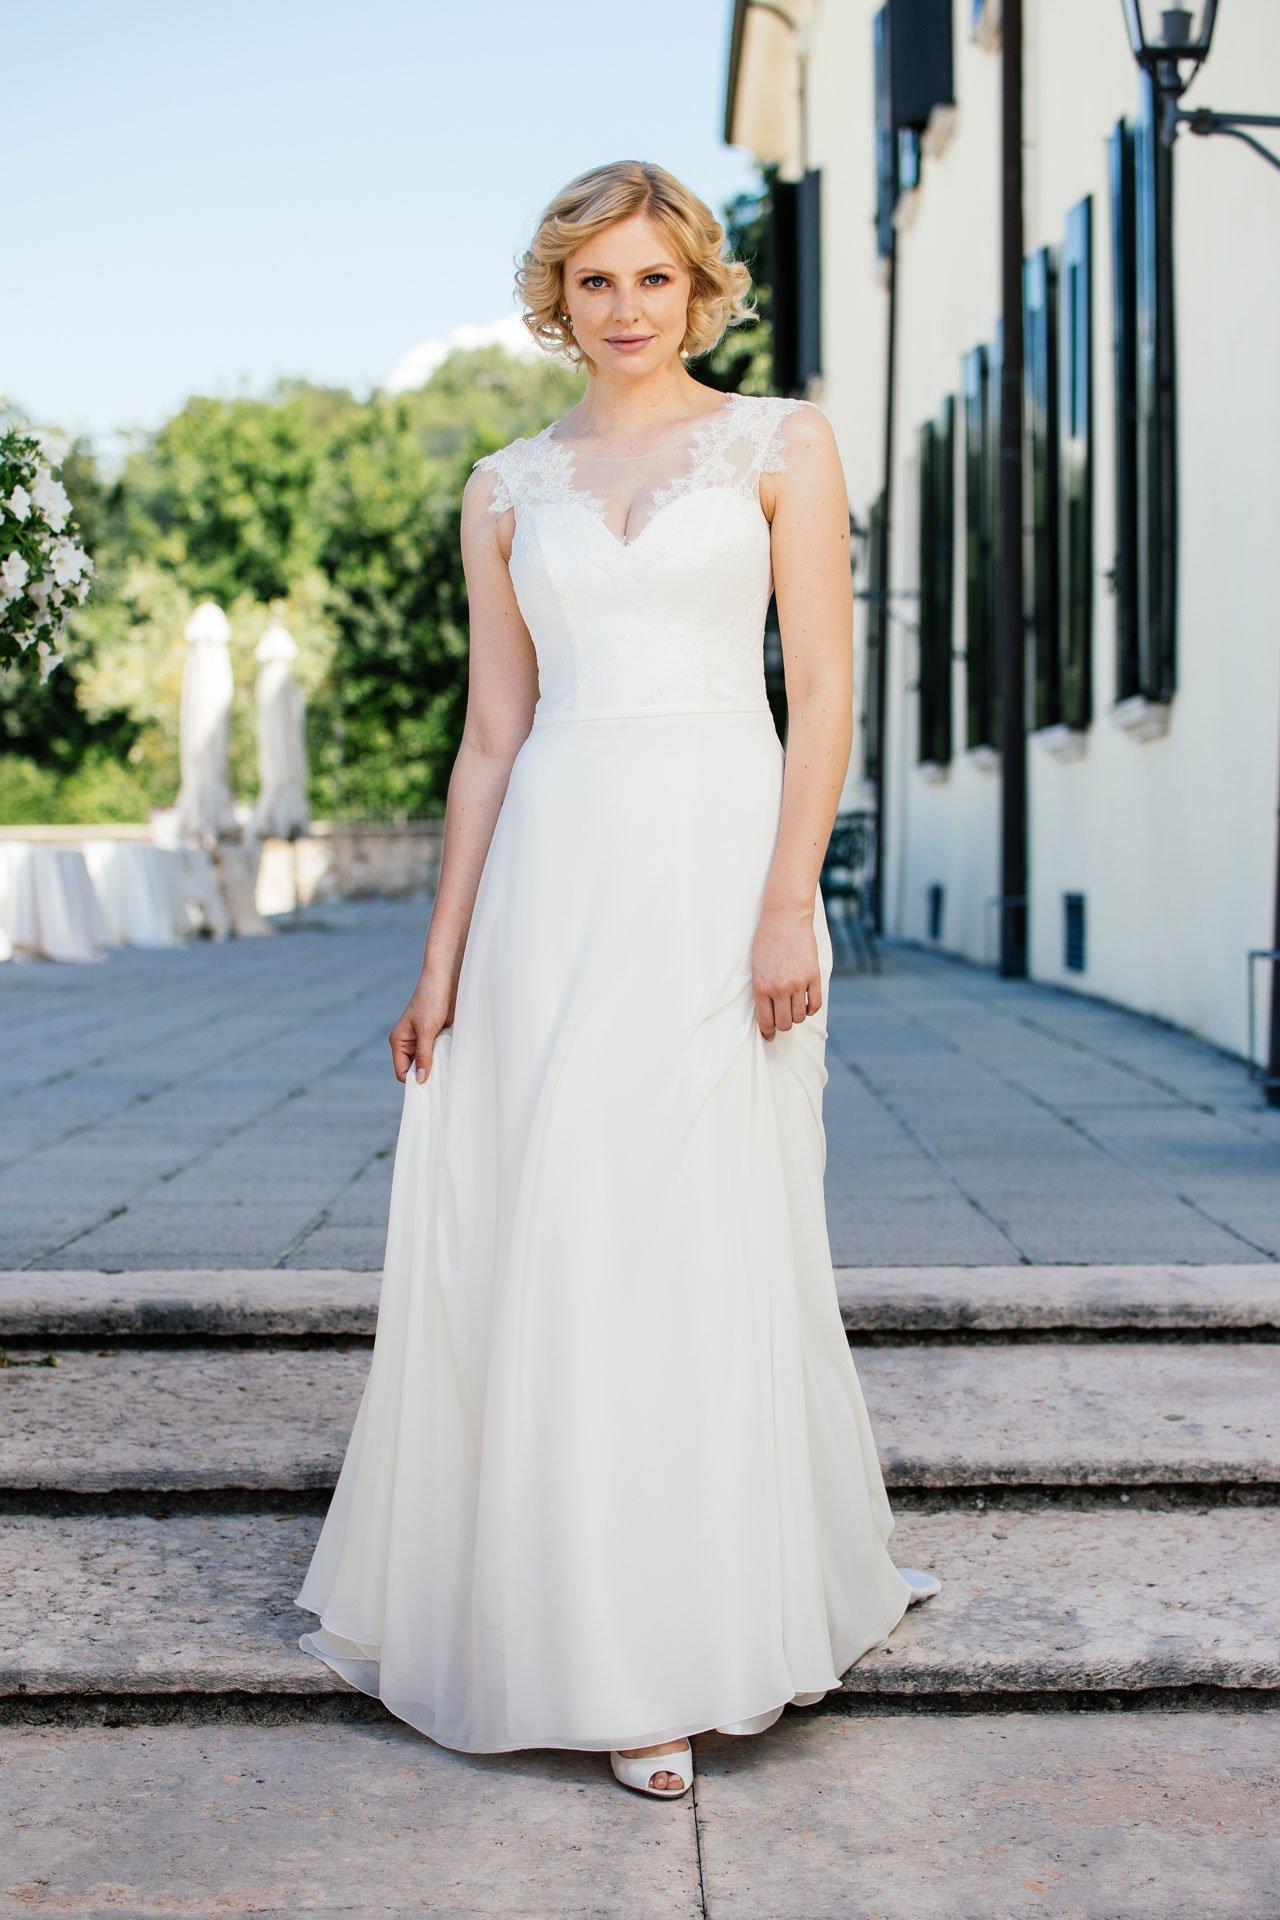 Sexy Brautkleid mit atemberaubendem Dekolleté und tiefem Rücken